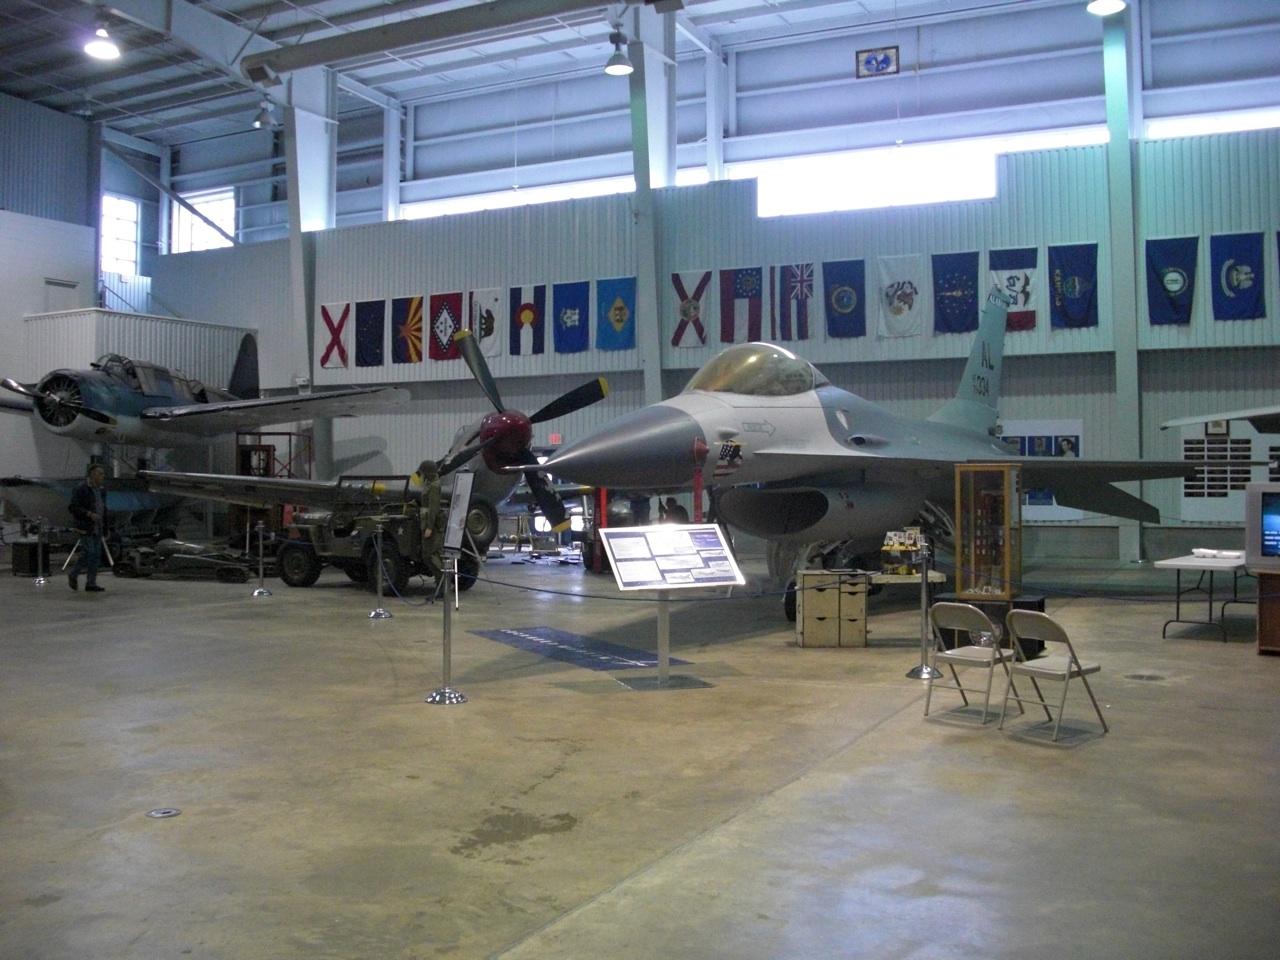 Tomcat Plane